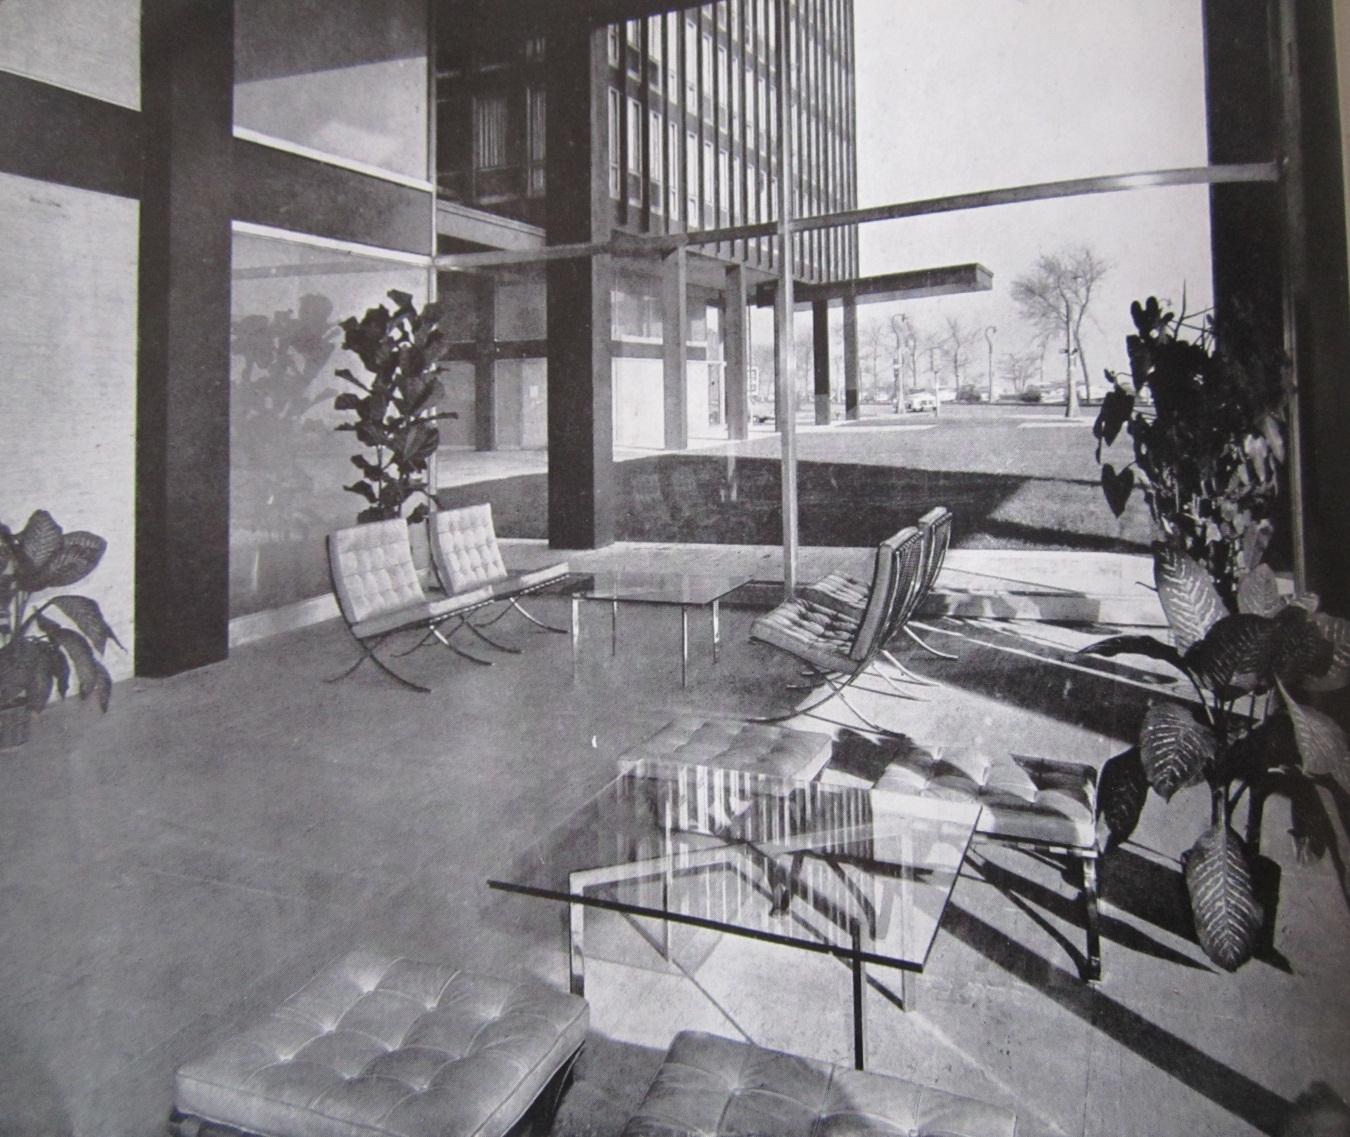 Historia de la arquitectura moderna viviendas 860 de lake for Historia de la arquitectura moderna